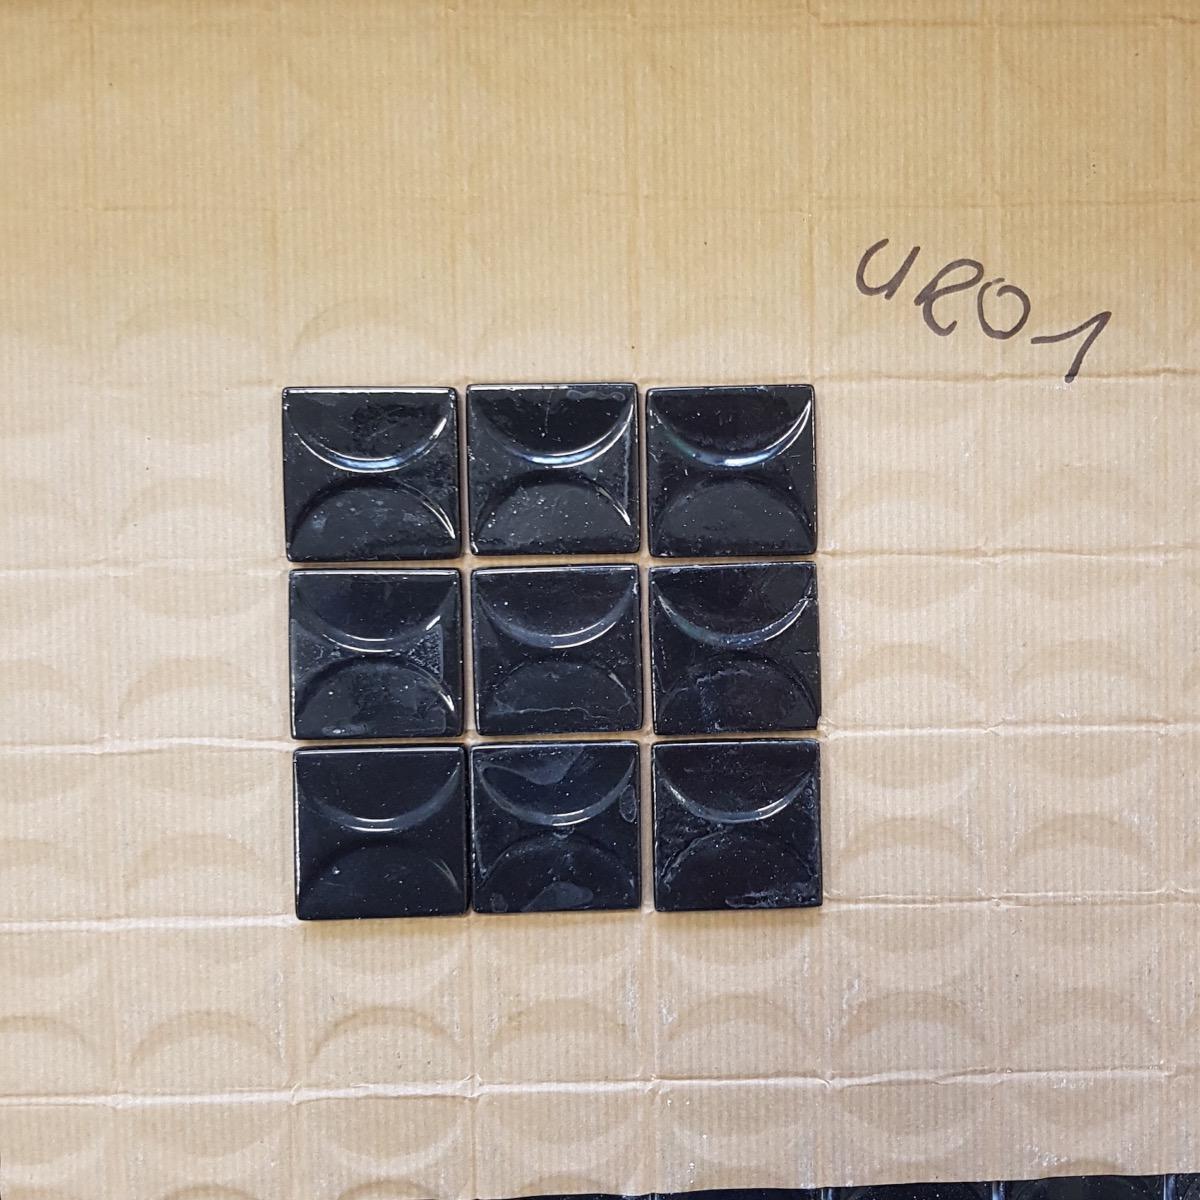 Recouvrir Carrelage En Relief noir relief demi cercle vintage chic 4 cm mosaïque émaux par m²